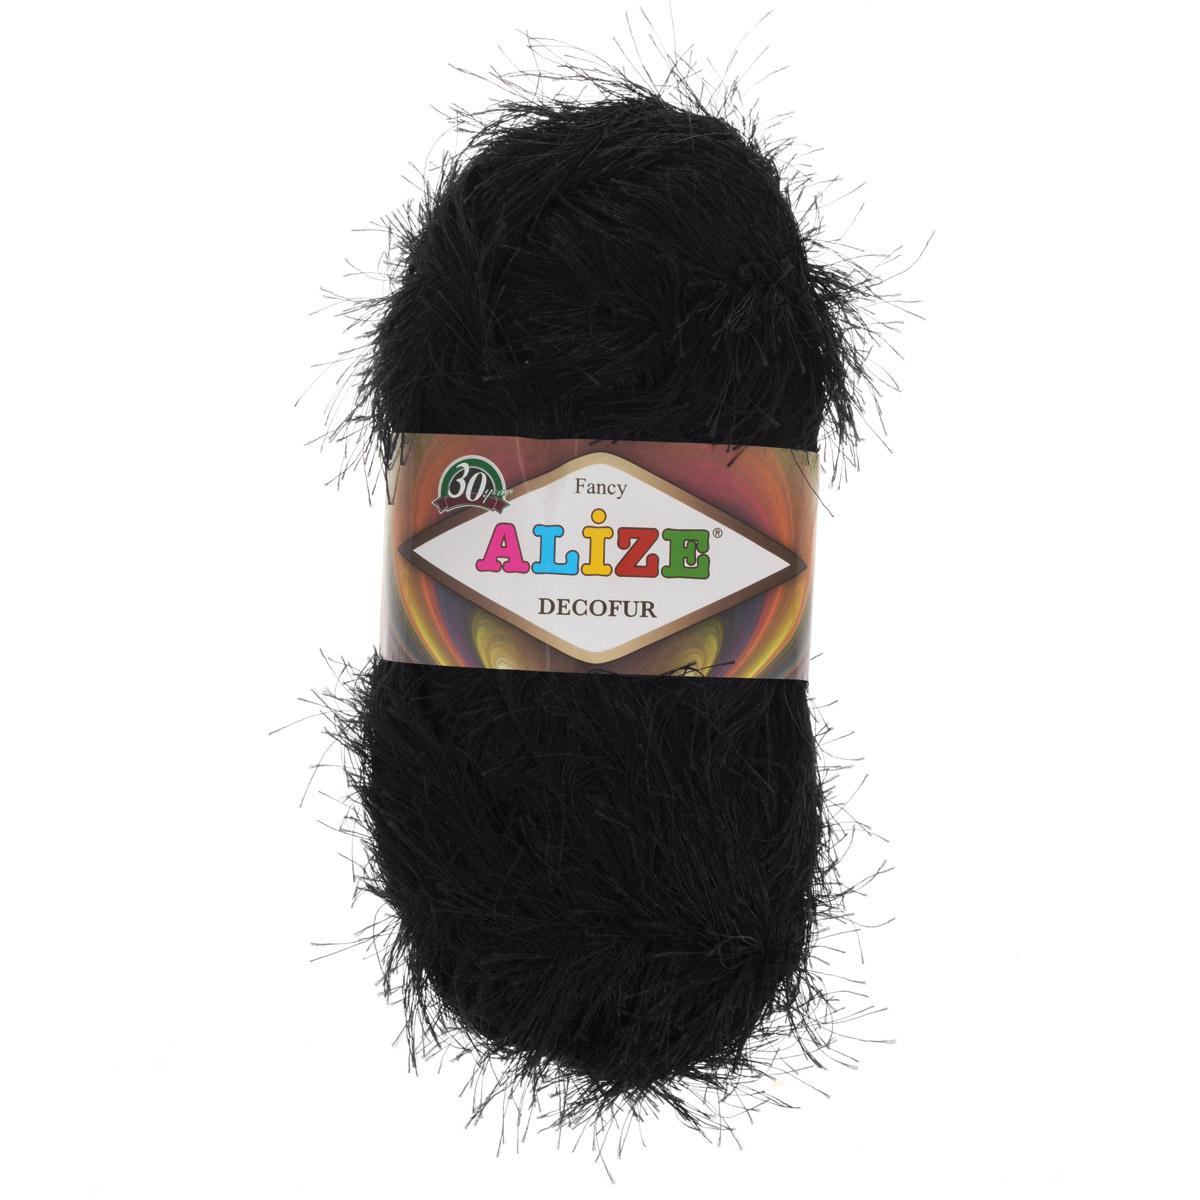 Пряжа для вязания Alize Decofur, цвет: черный (60), 110 м, 100 г, 5 шт цена